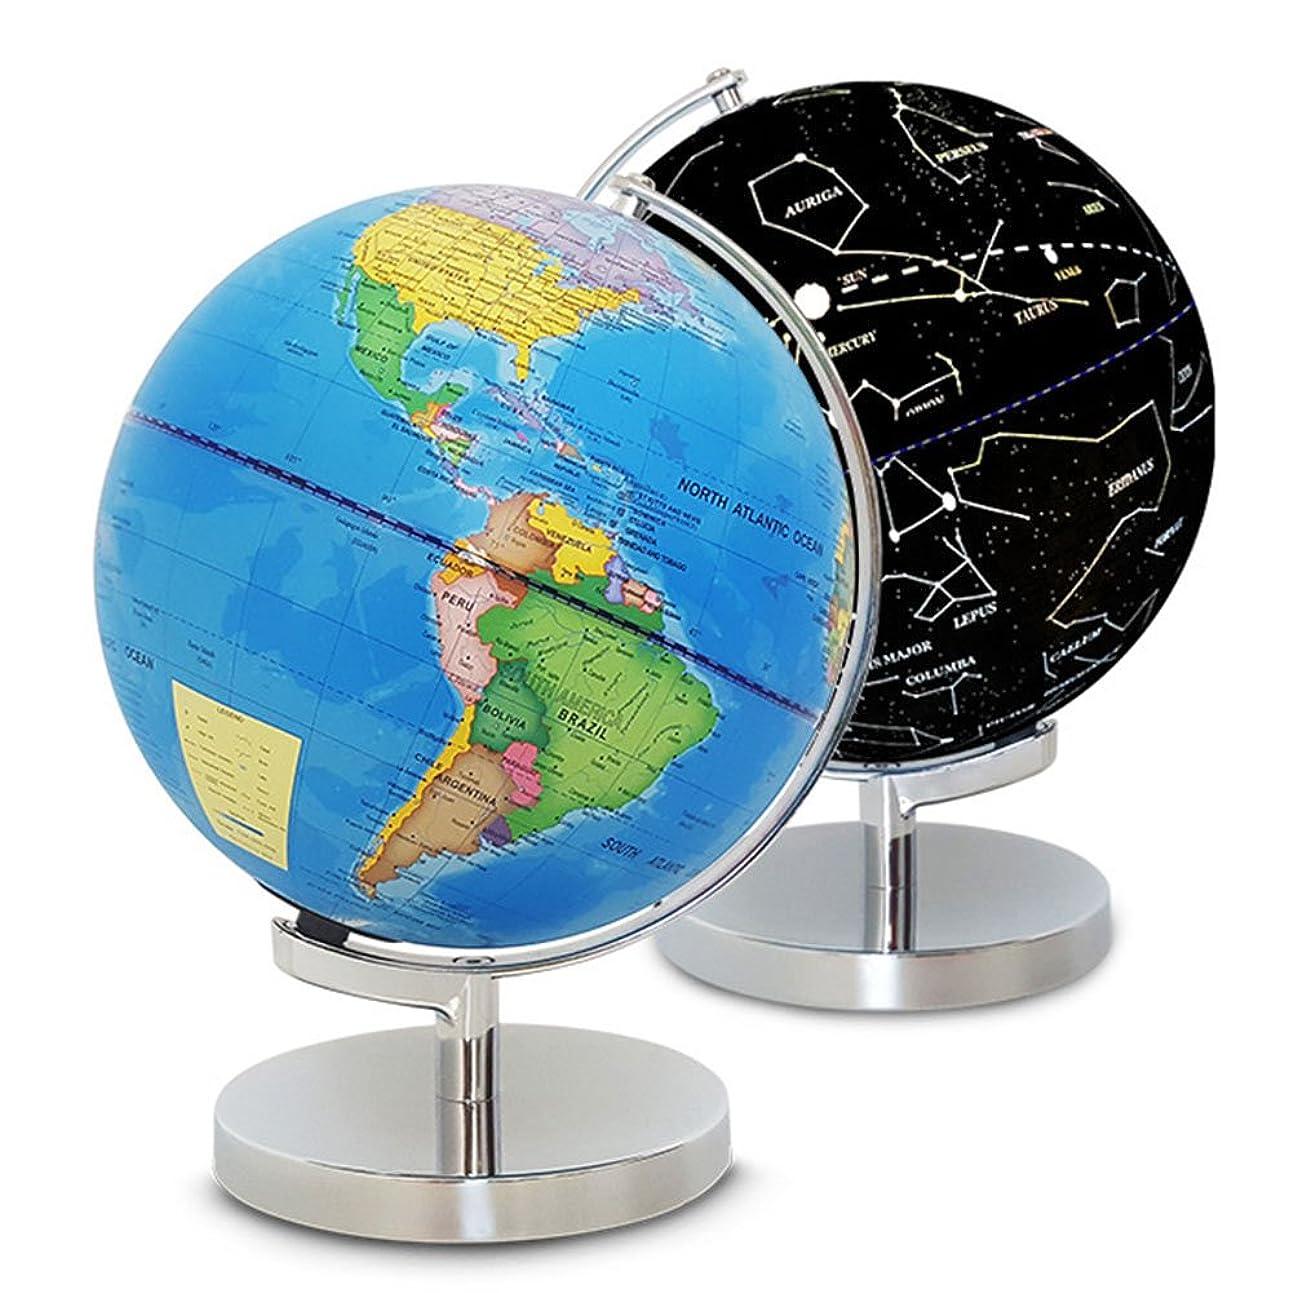 連結する役に立つあごひげ地球儀 回転型地球儀 星座図 世界地図 不思議な地球儀 23cm 球体点灯 インテリア 英語表記 置物 球体 惑星  勉強用品 学校 オフィス 地理 社会教材